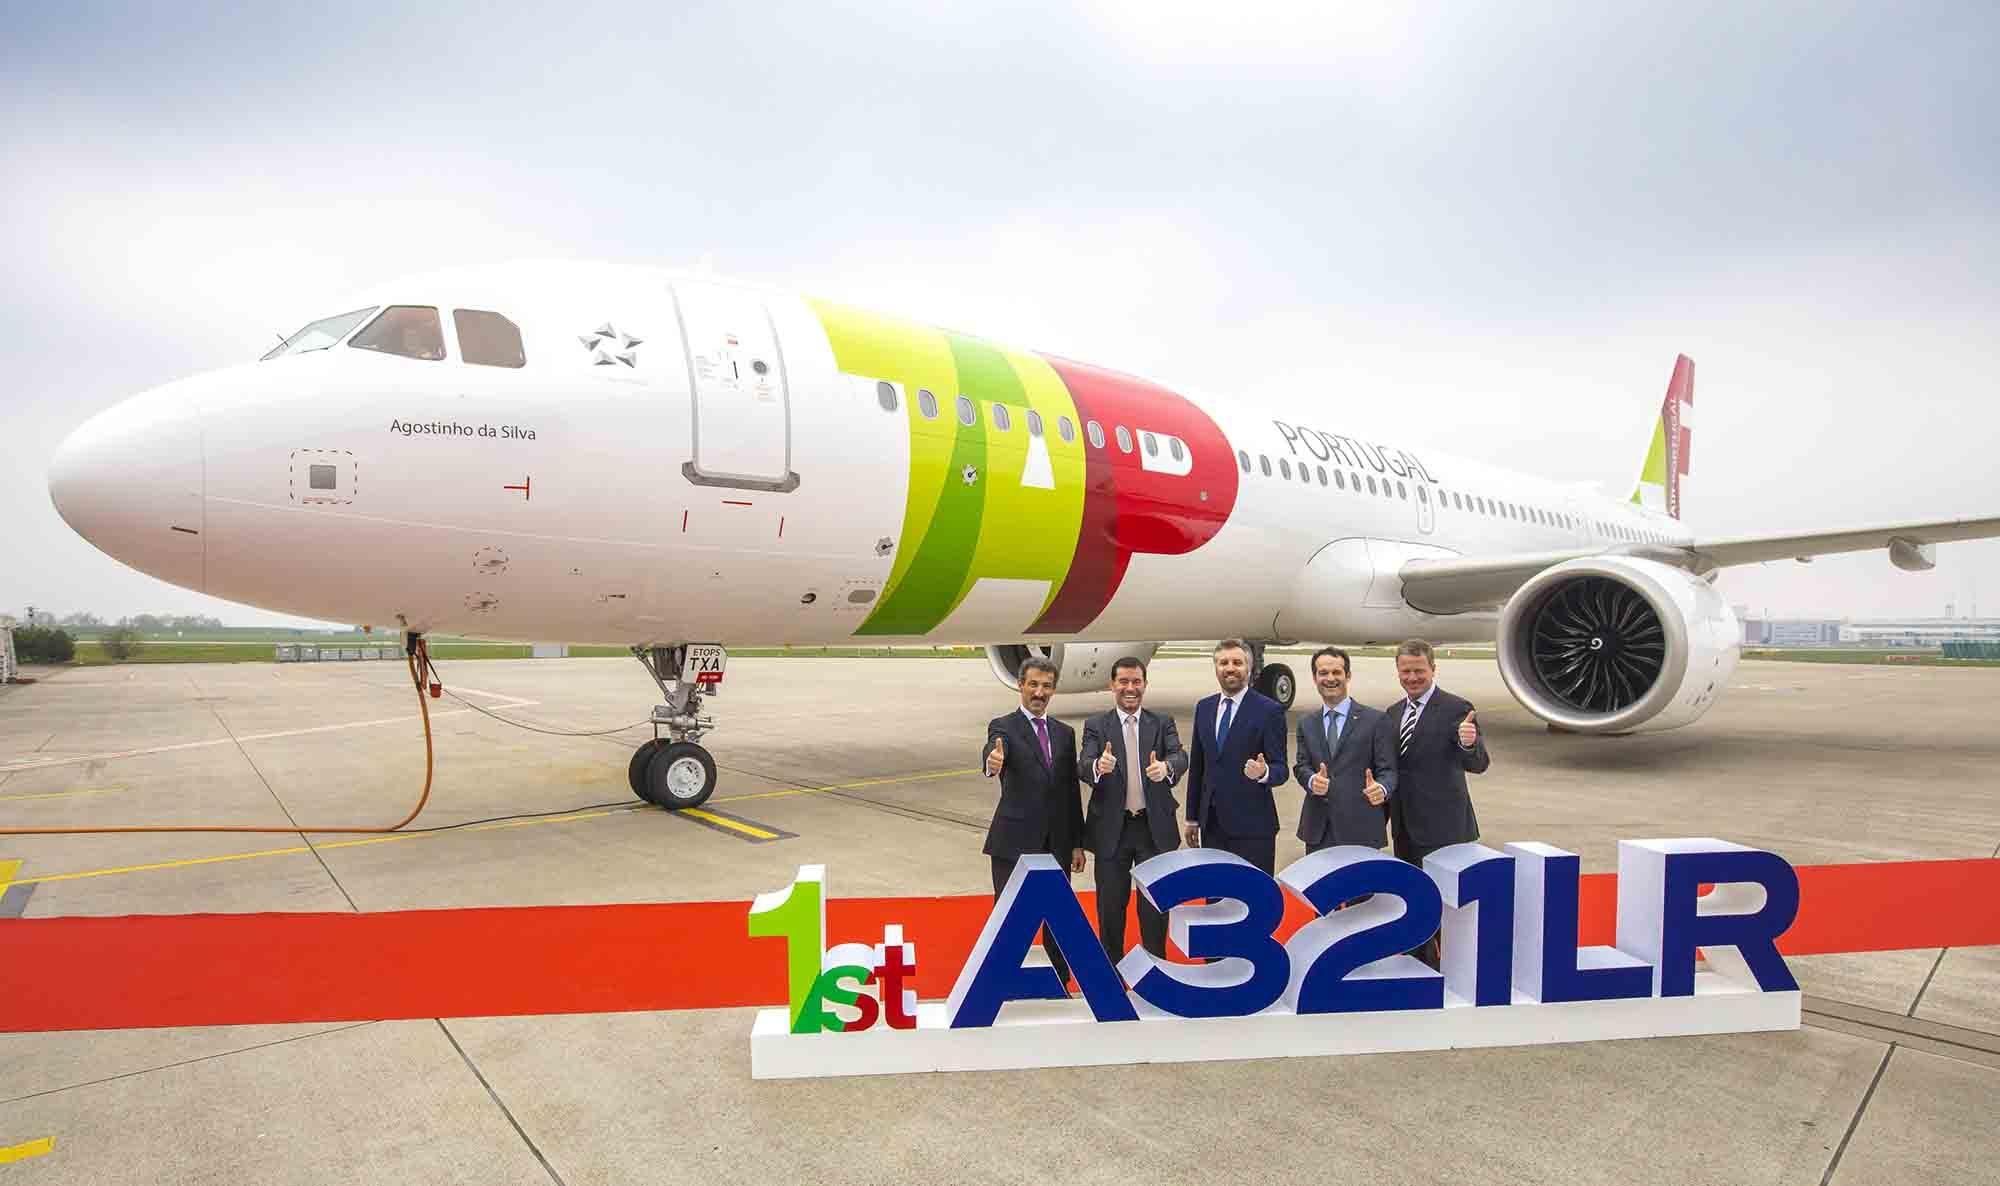 Tap Air Portugal prende in consegna il primo A321Lr